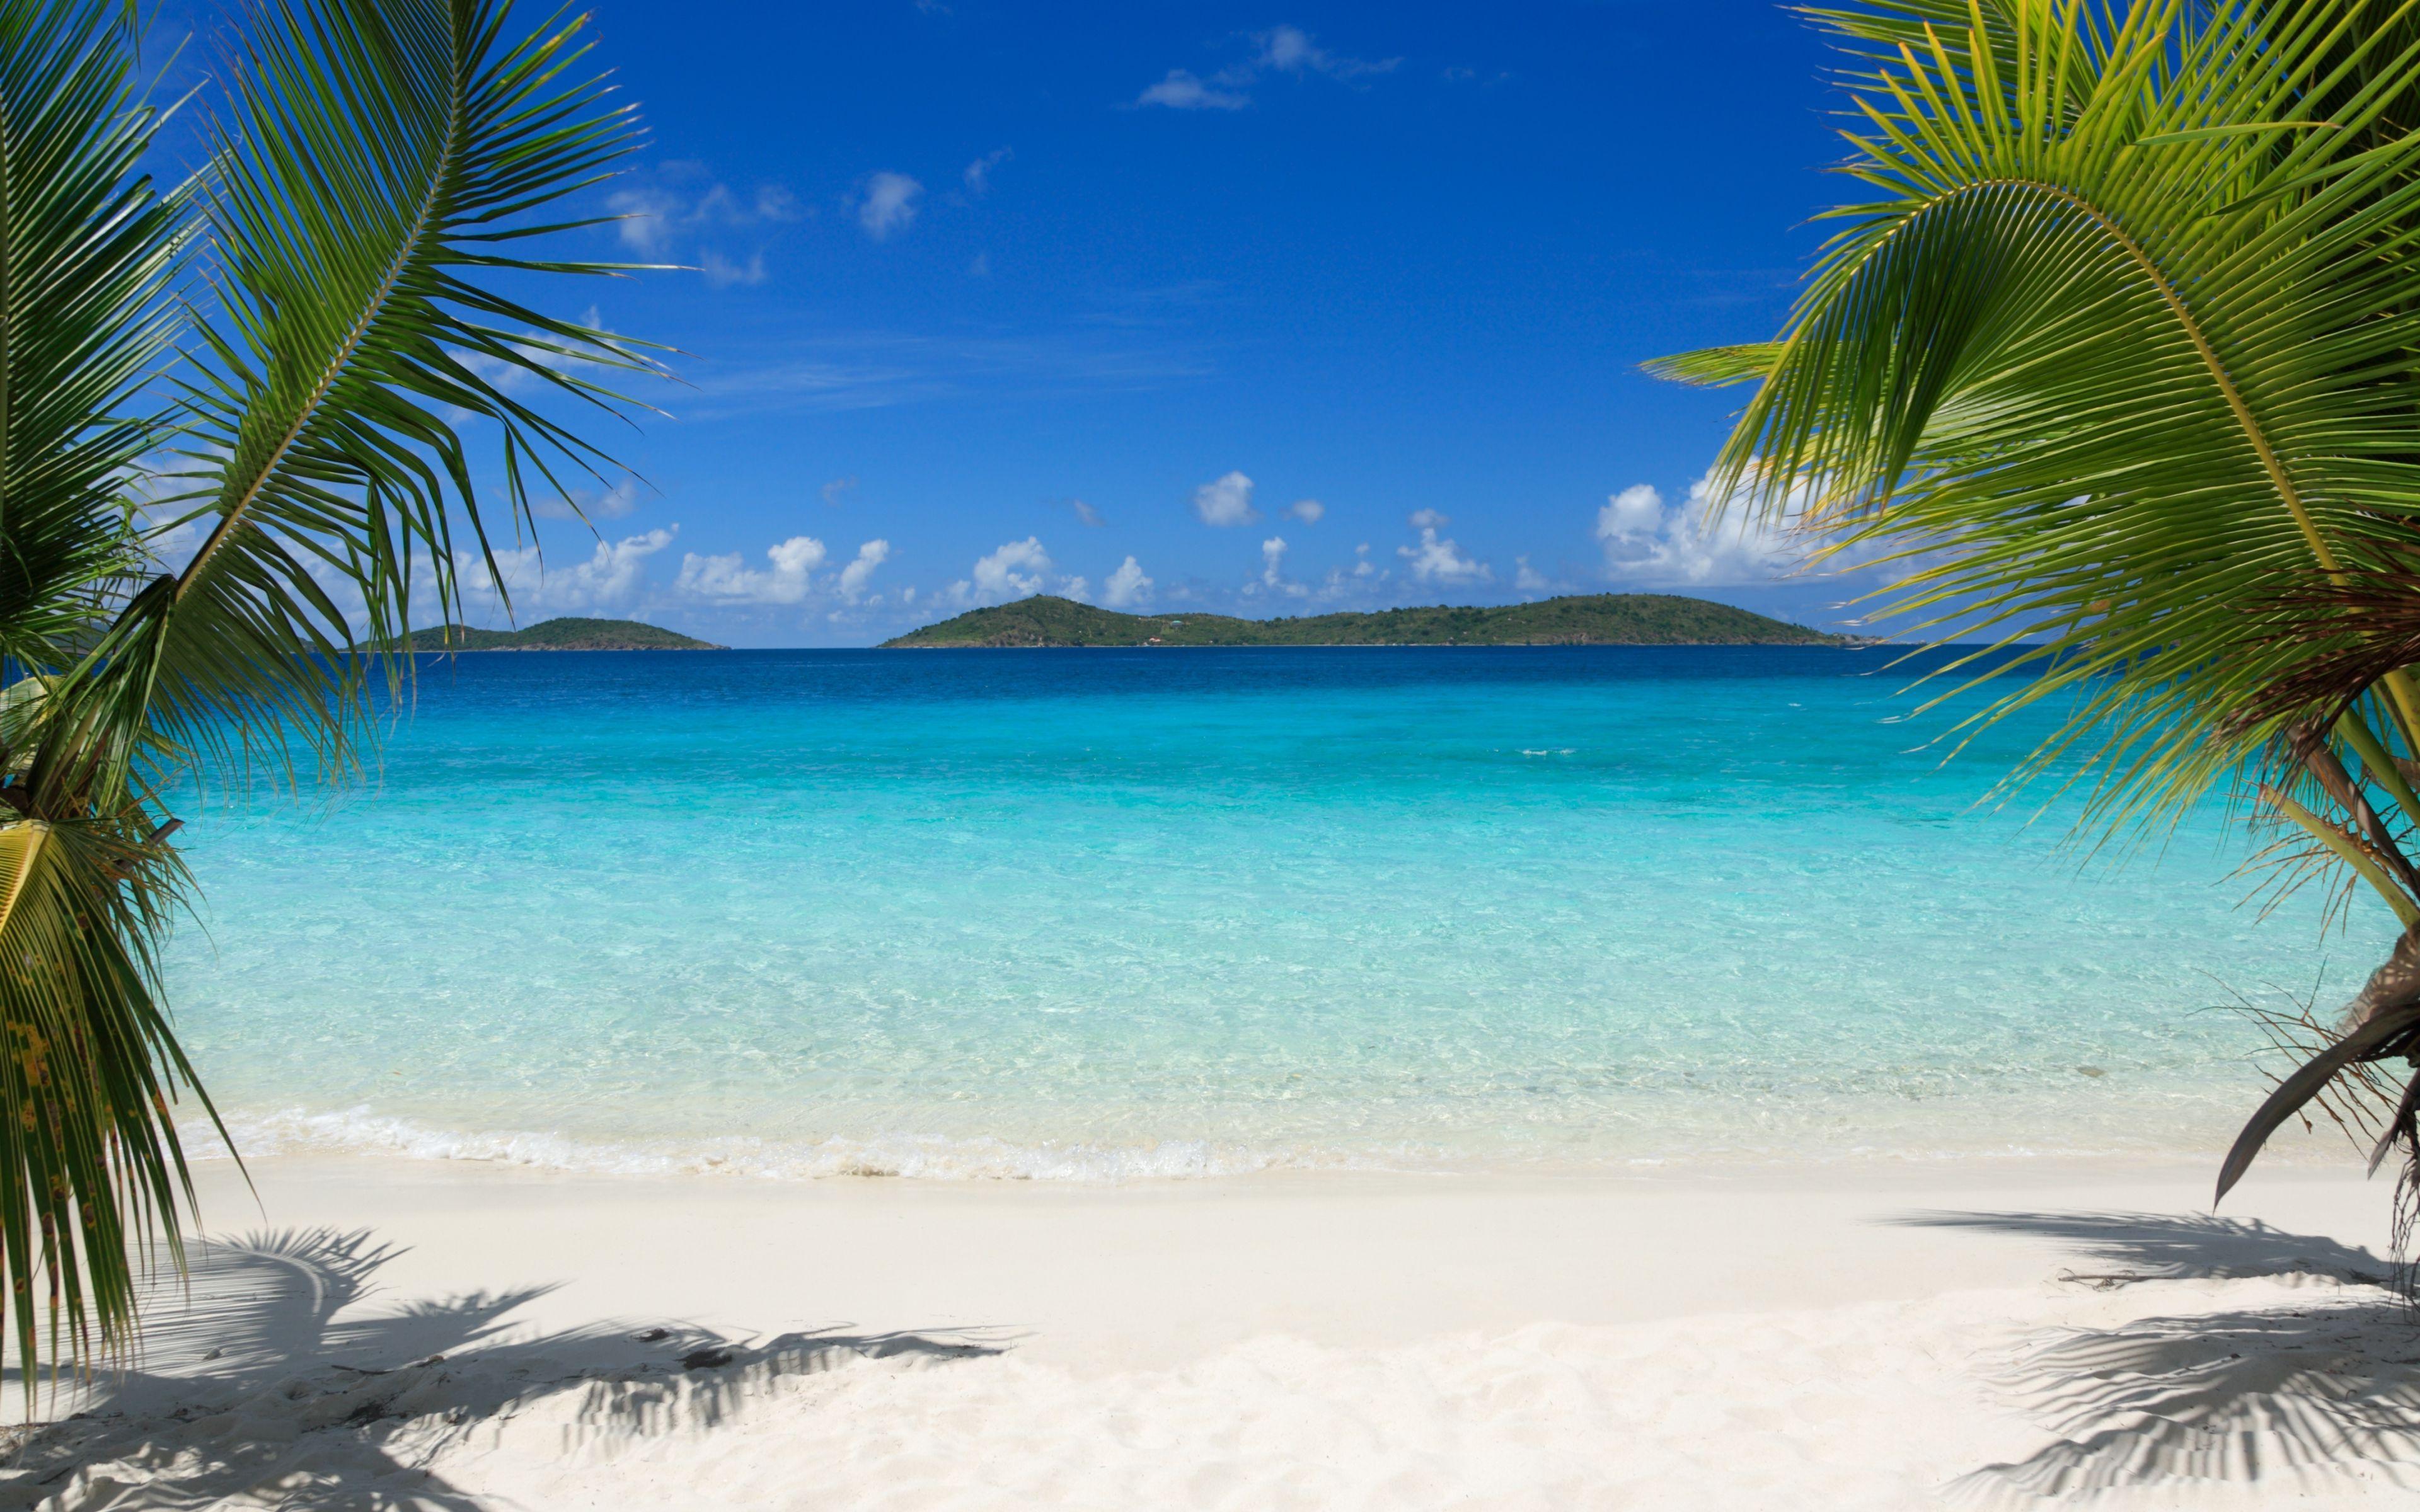 3840x2400 Tải xuống miễn phí Tải xuống HD Tropical Island Beach Palm Trees Sea Waves Wallpaper [3840x2400] cho Máy tính để bàn, Di động & Máy tính bảng của bạn.  Khám phá Hình nền máy tính để bàn của Bãi biển Đảo Nhiệt đới.  Hình nền bãi biển nhiệt đới